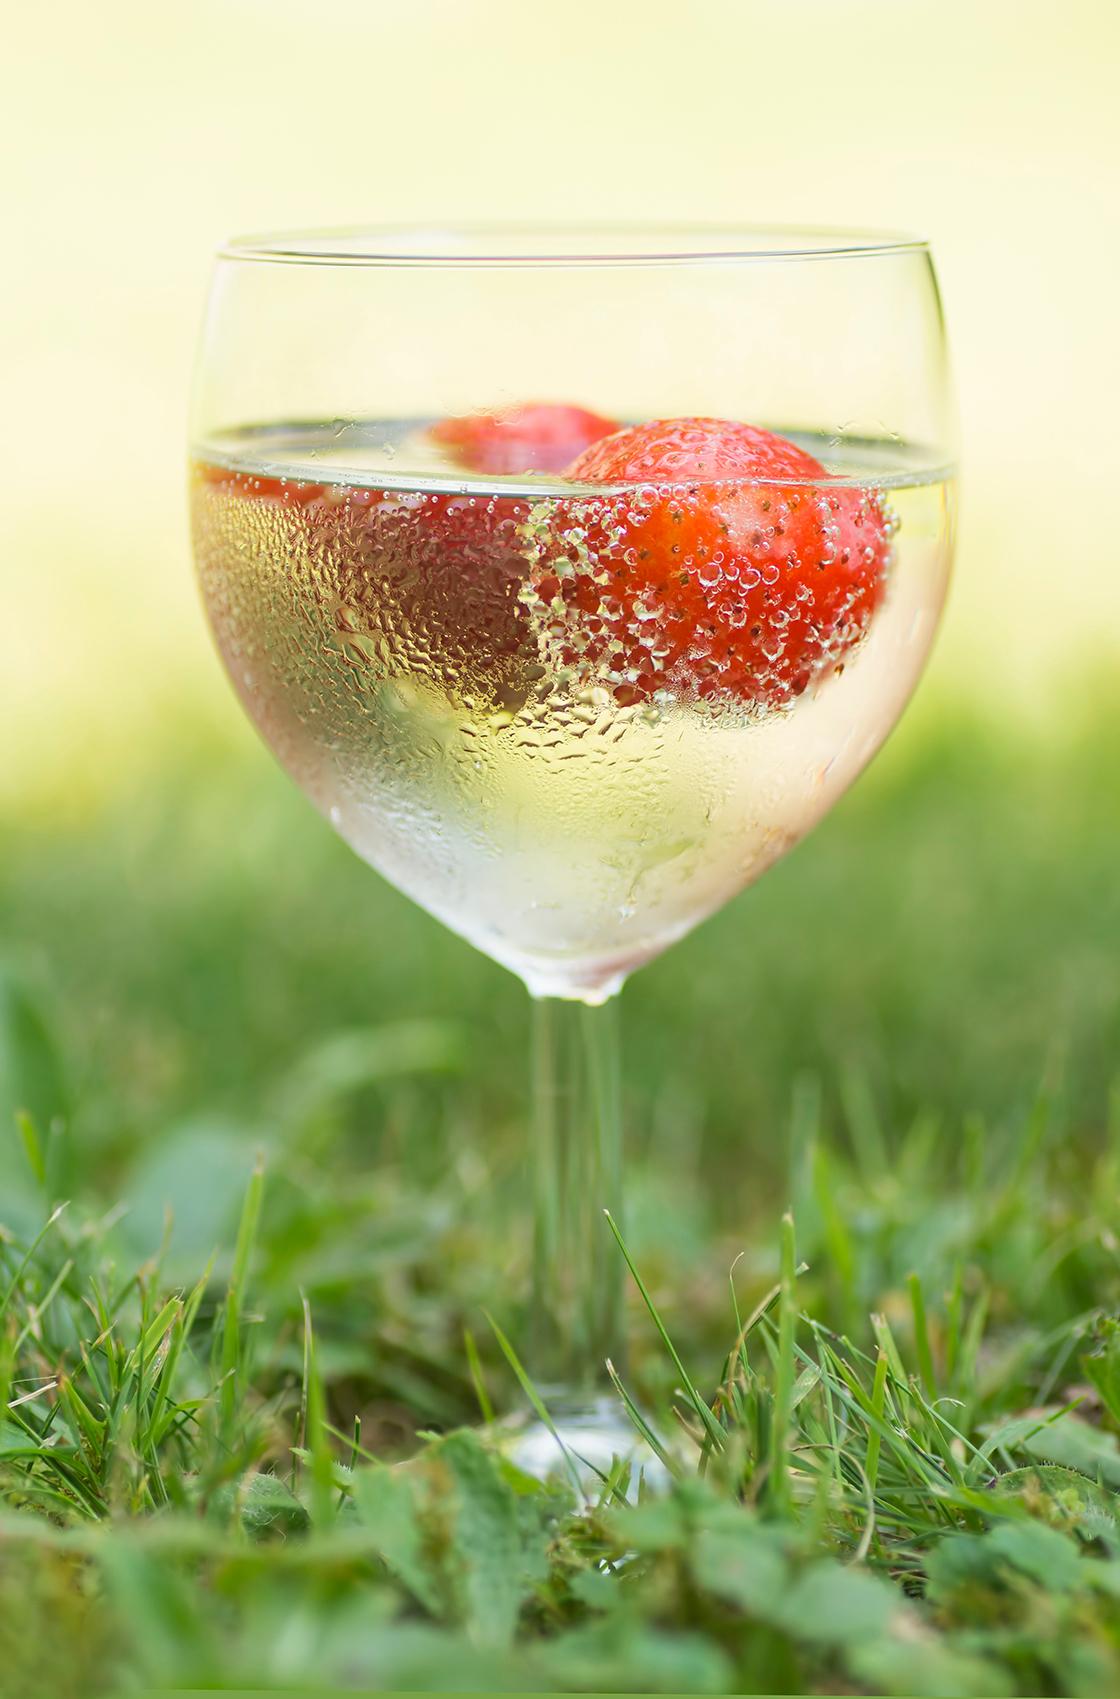 Een glas vol zomer - Een zomers drankje zorgt voor  verkoeling tijdens de vakantie. - foto door birgitte61 op 22-06-2020 - deze foto bevat: glas, vakantie, zomer, fruit, aardbei, drankje, feestelijk, cocktail